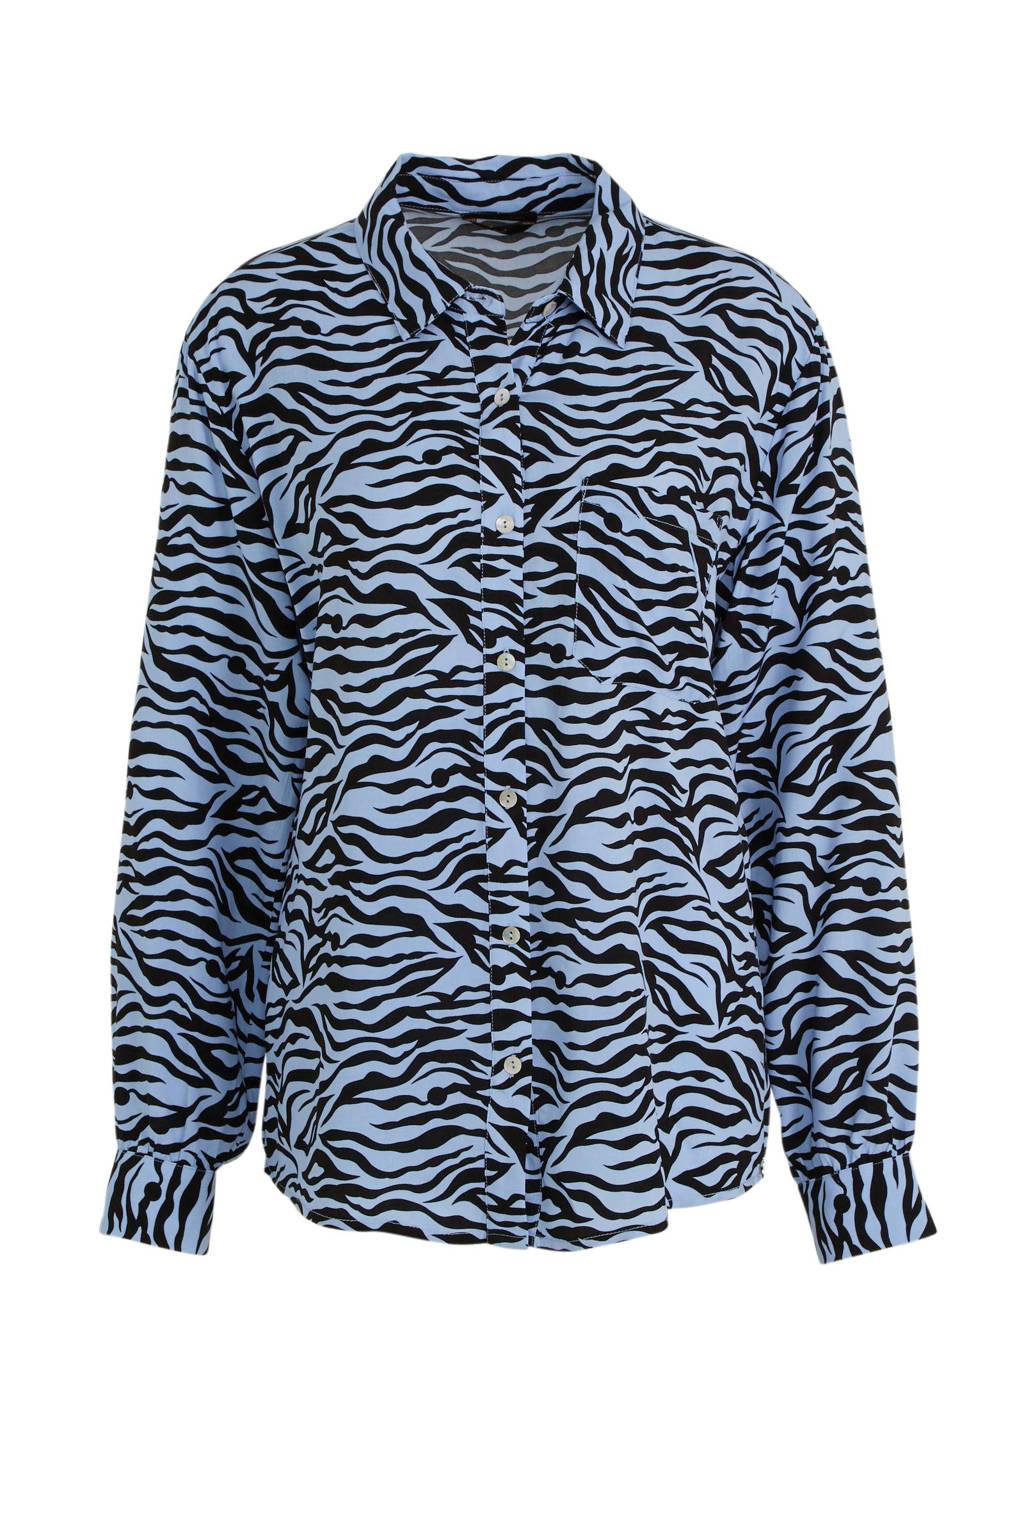 Colourful Rebel blouse Lean met all over print lichtblauw/zwart, Lichtblauw/zwart